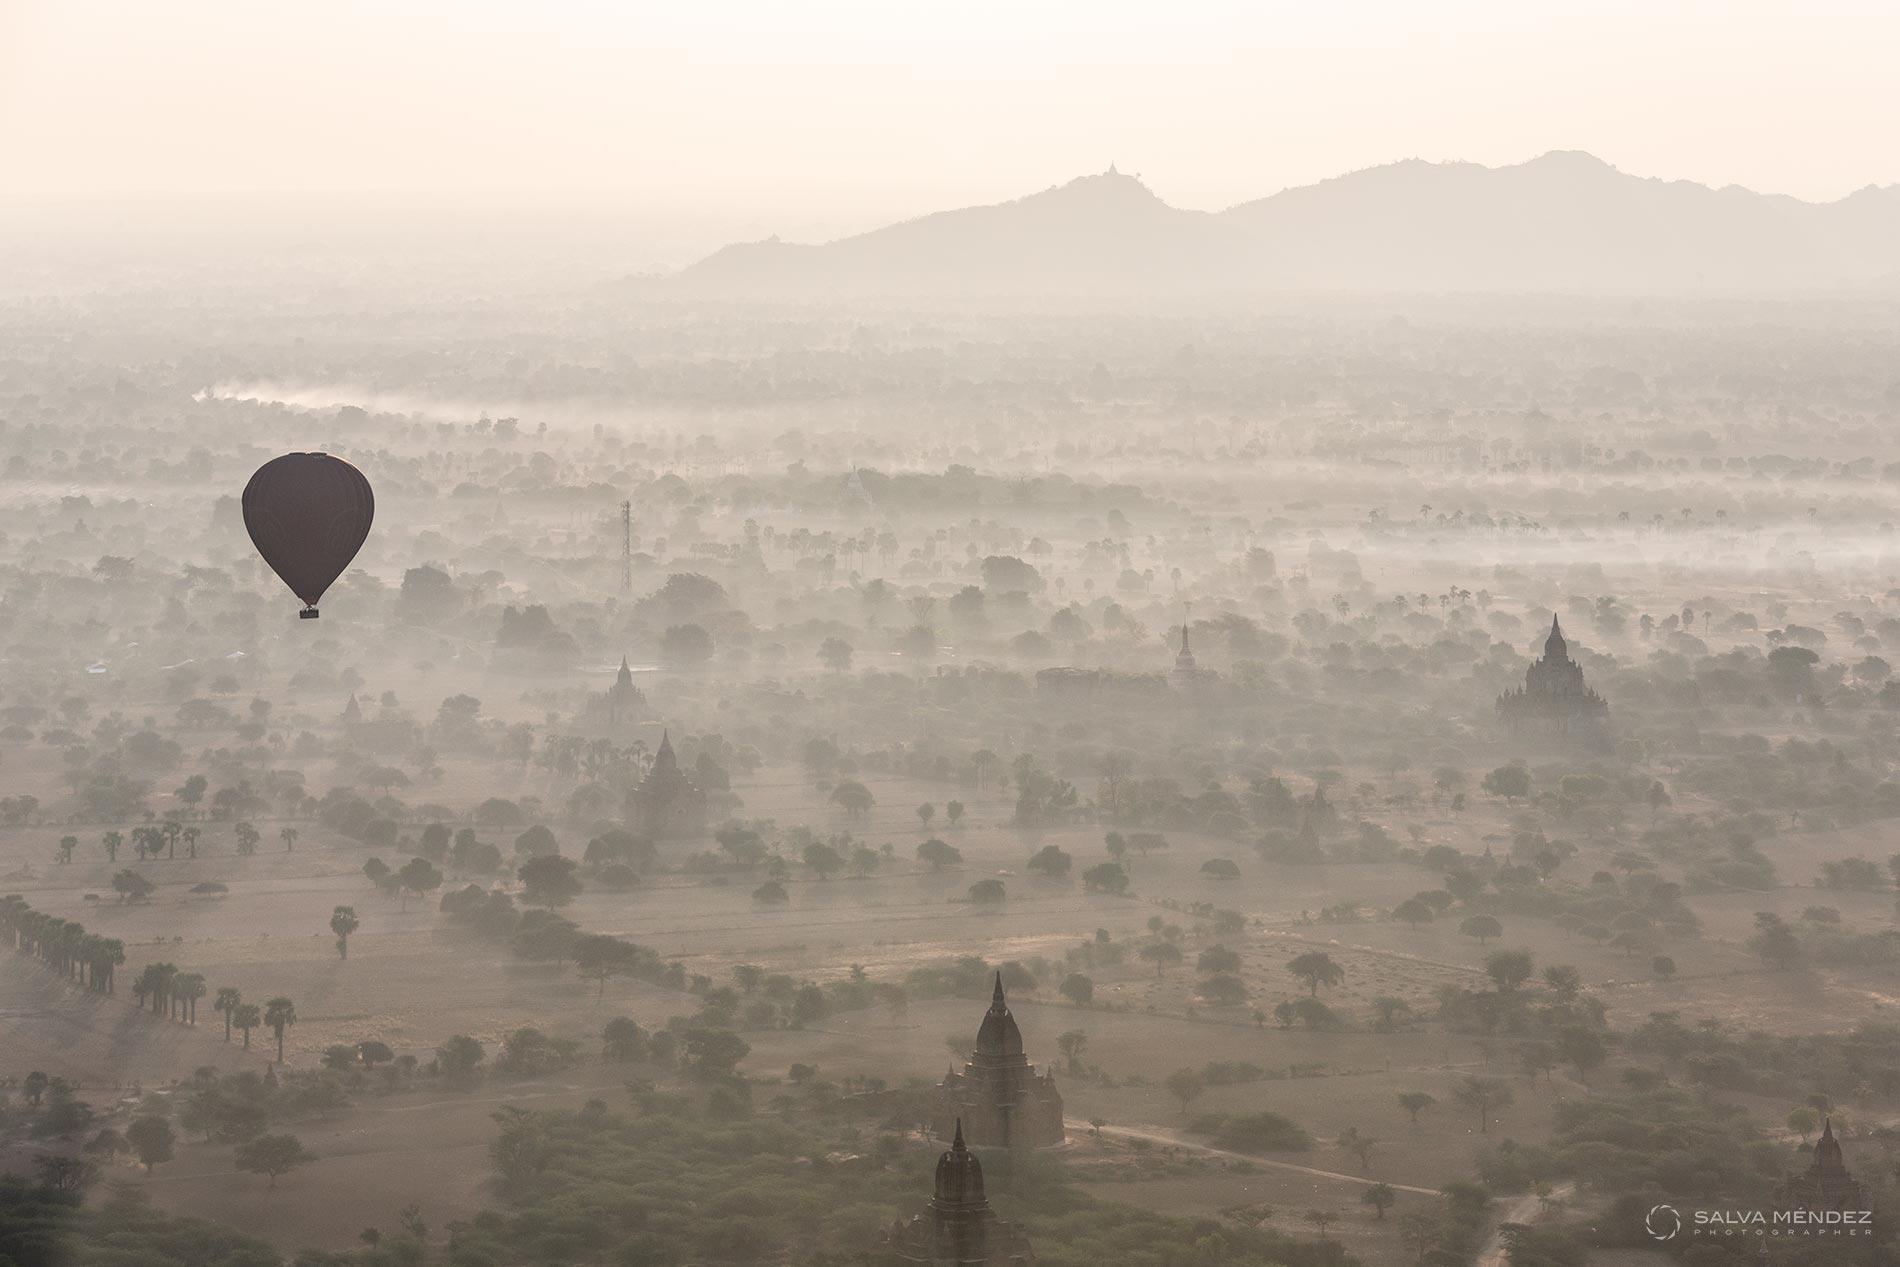 03_03_SALVA-MENDEZ_BAGAN-2_MYANMAR---WEB-1900px.jpg